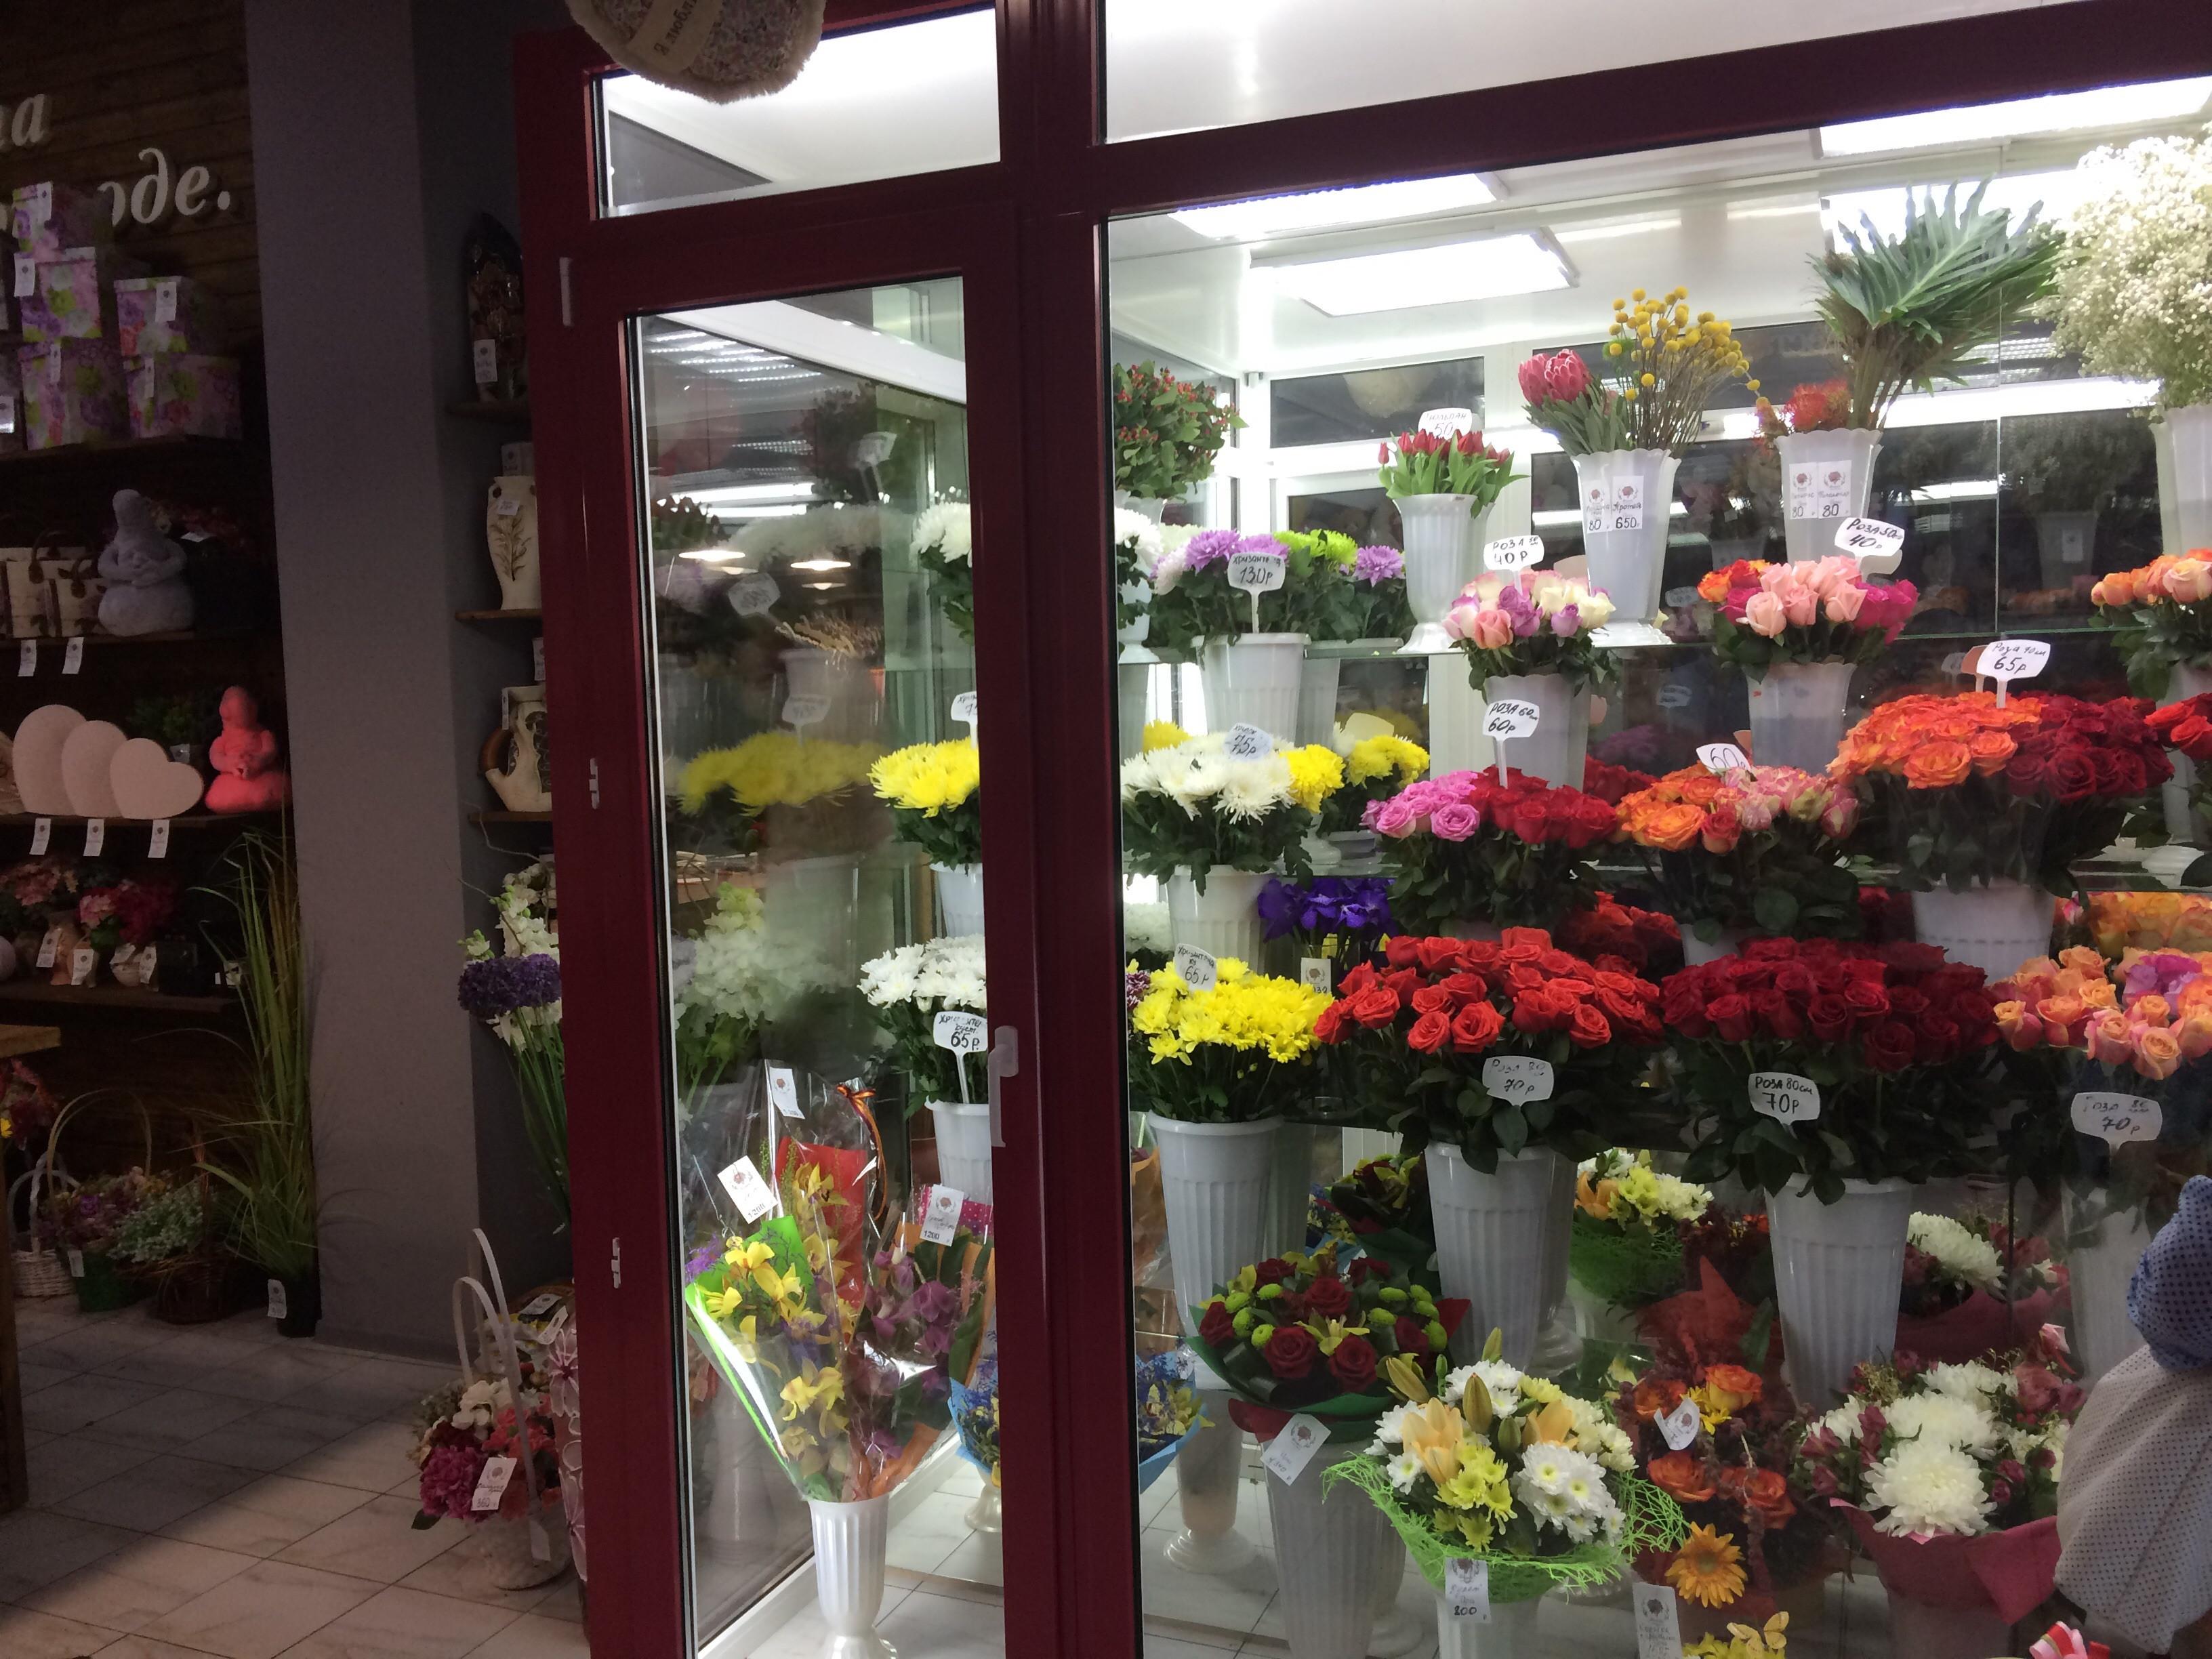 Невесты 500р, магазин салон цветов омск отзывы